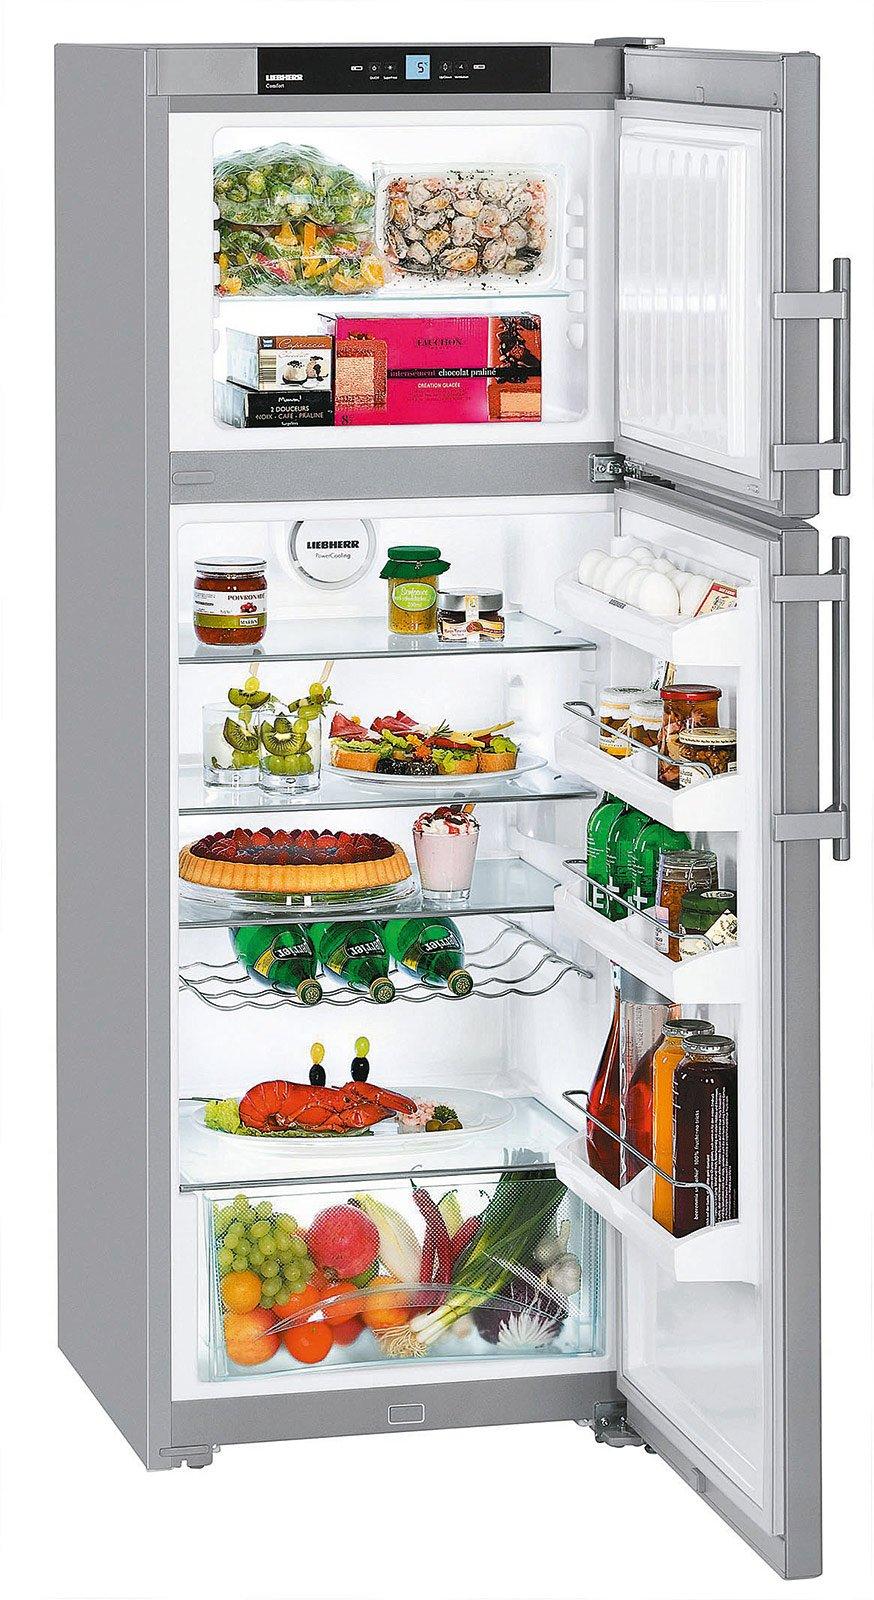 Frigorifero e congelatore in poco spazio cose di casa for Frigorifero e congelatore